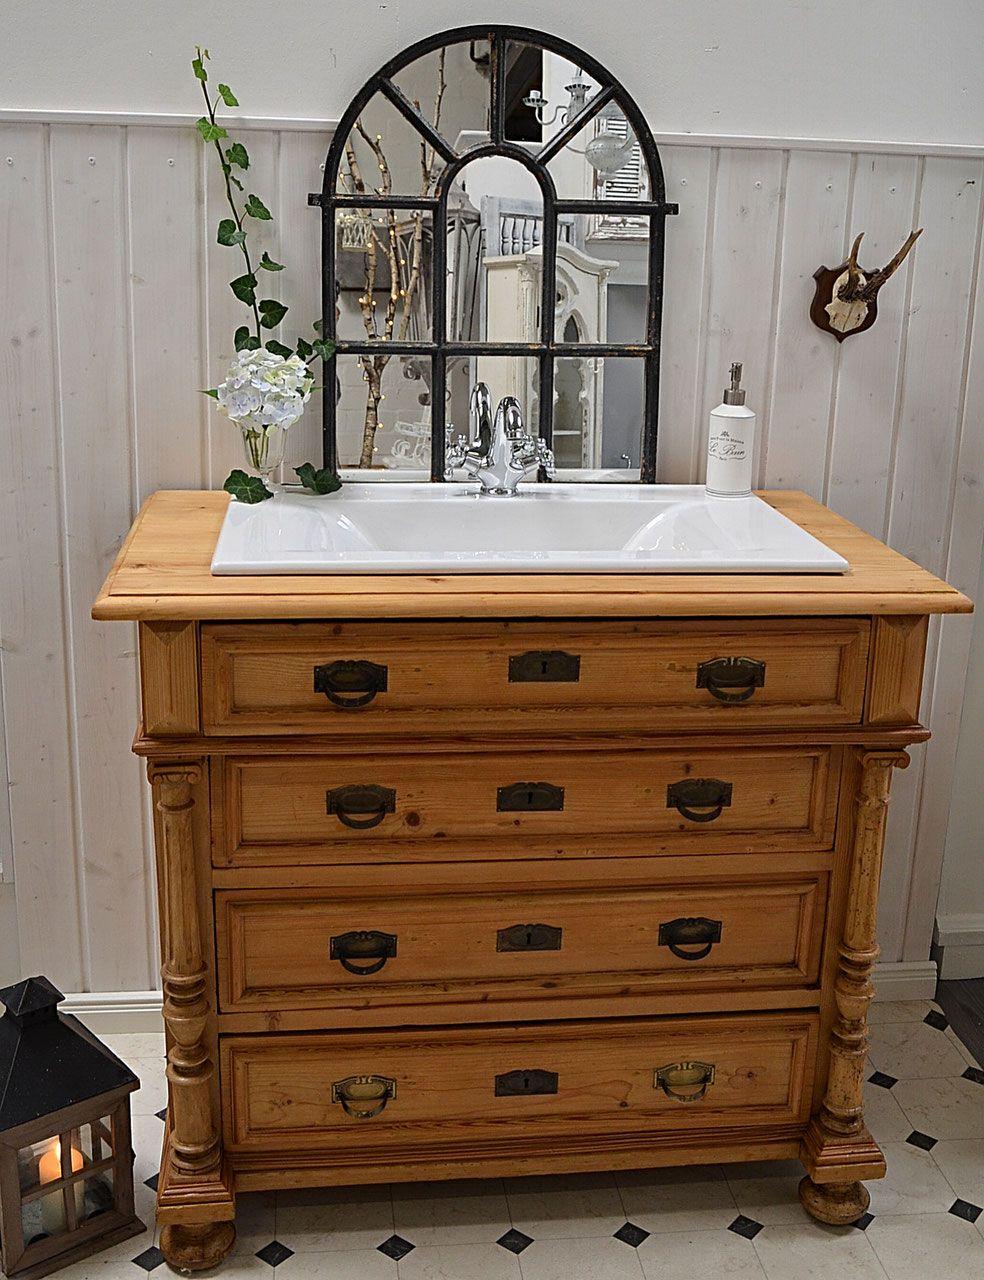 Waschtisch antik gebraucht  Naturholzkommode als Waschtisch hoch wasserabweisend versiegelt ...